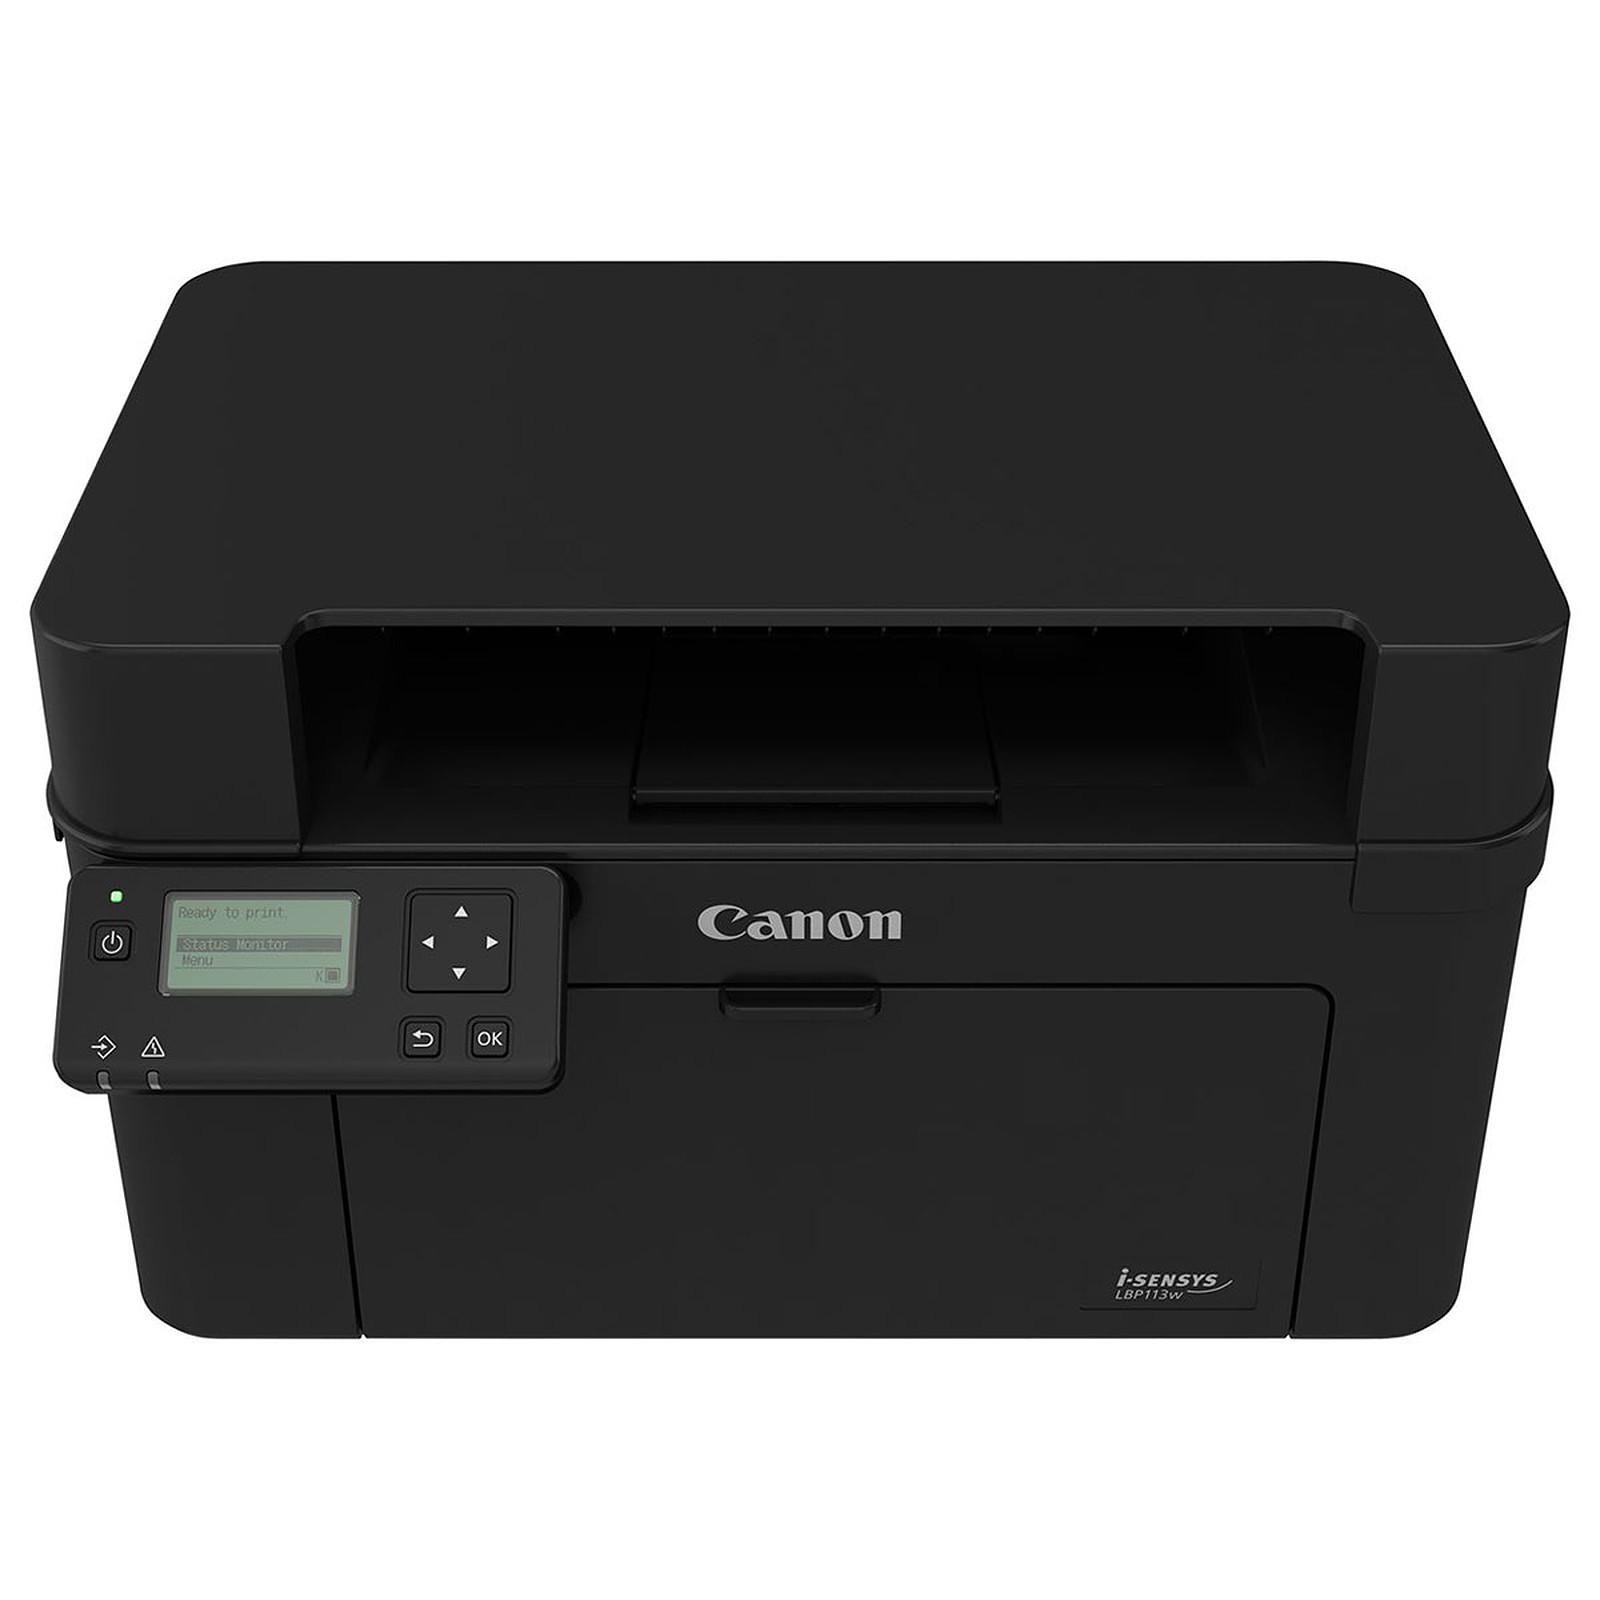 Imprimante laser monochrome Canon i-SENSYS LBP113w, USB 2.0, Wi-Fi, compatible smartphone et tablette, imprimante reunion, imprimante 974, Informatique ile Réunion 974